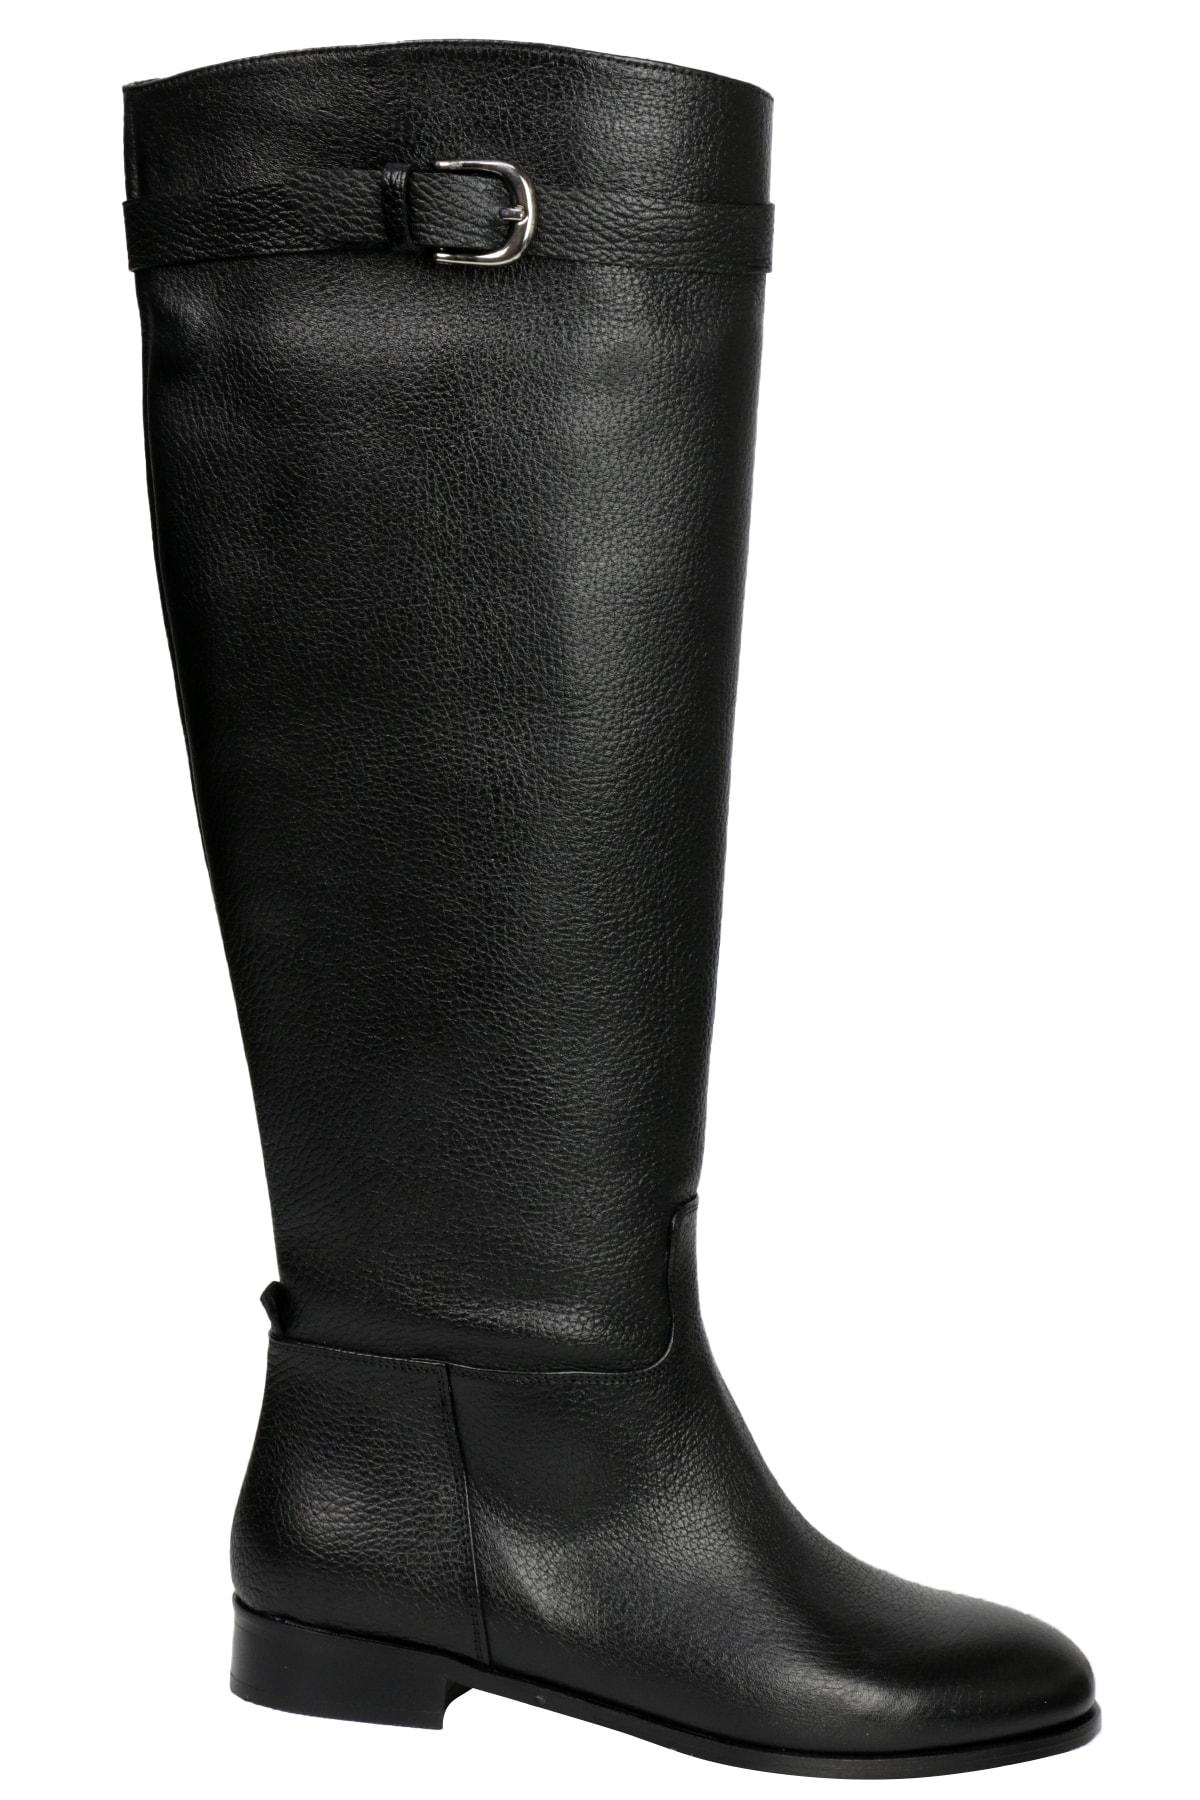 OZ DOROTHY Kadın Siyah Flotur Deri Çizme 1